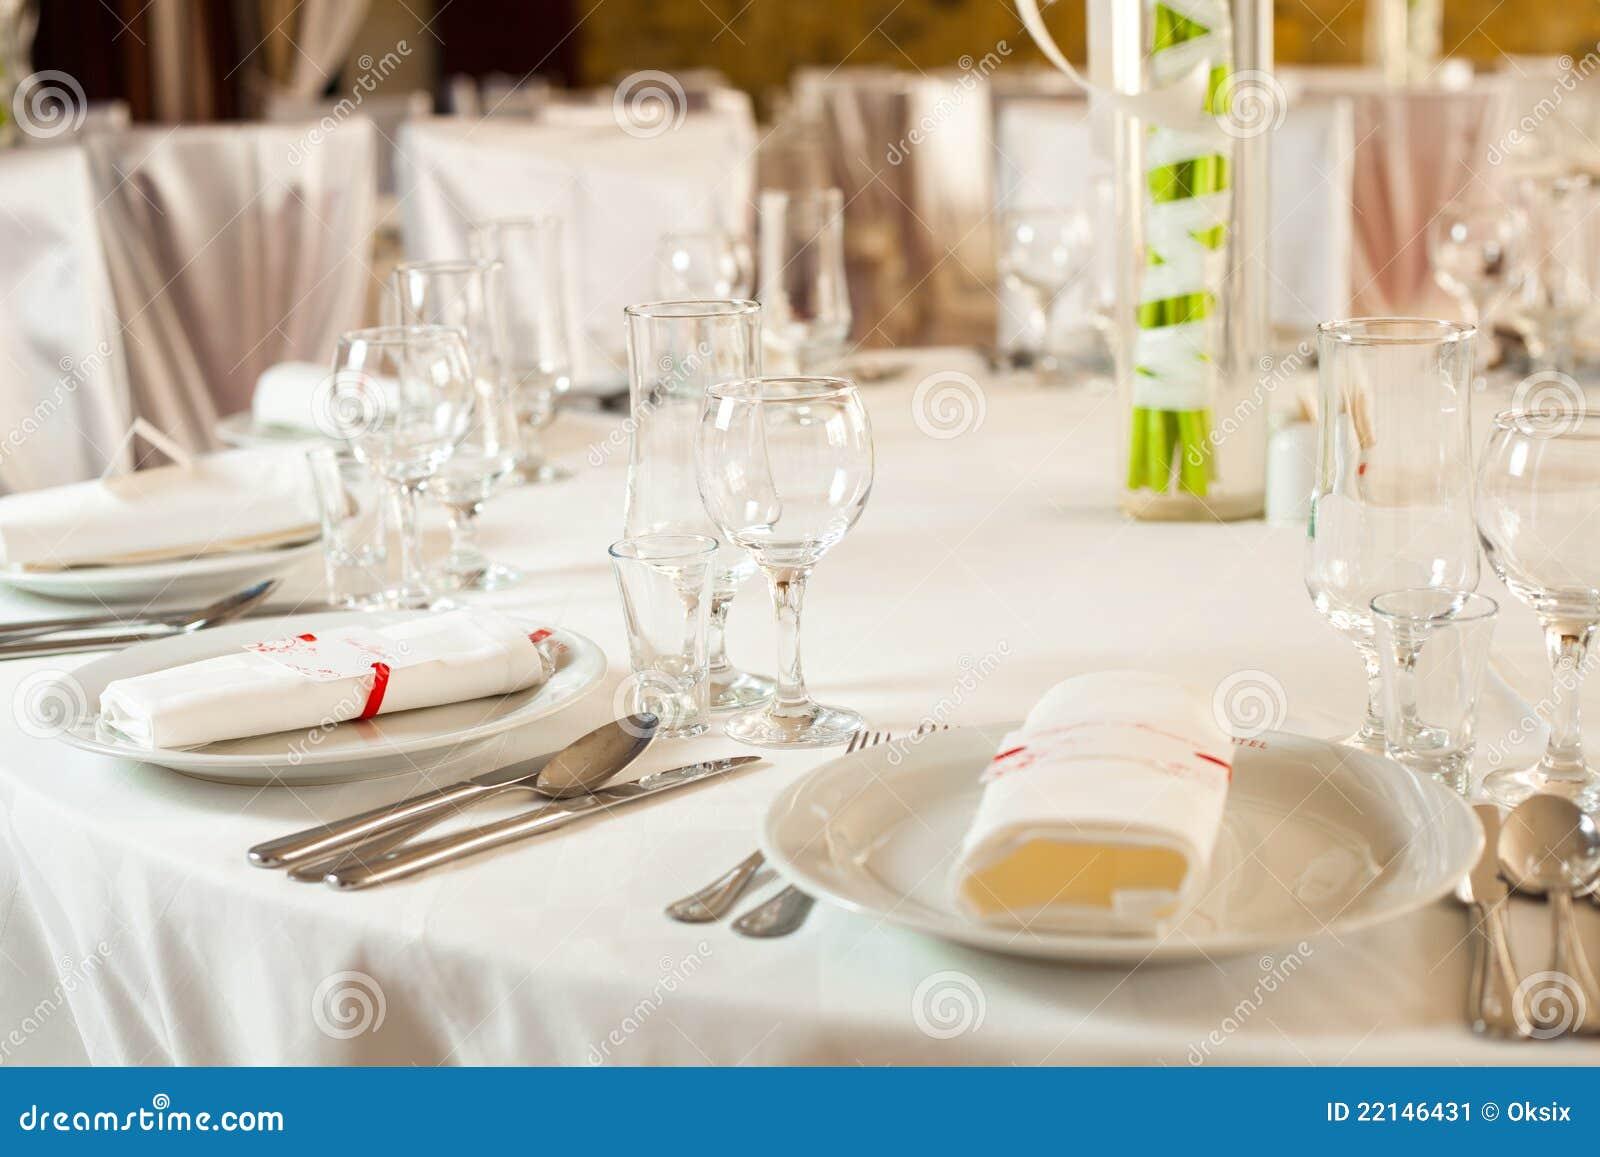 positionnement blanc de table de mariage image stock image du c l bration vaisselle 22146431. Black Bedroom Furniture Sets. Home Design Ideas